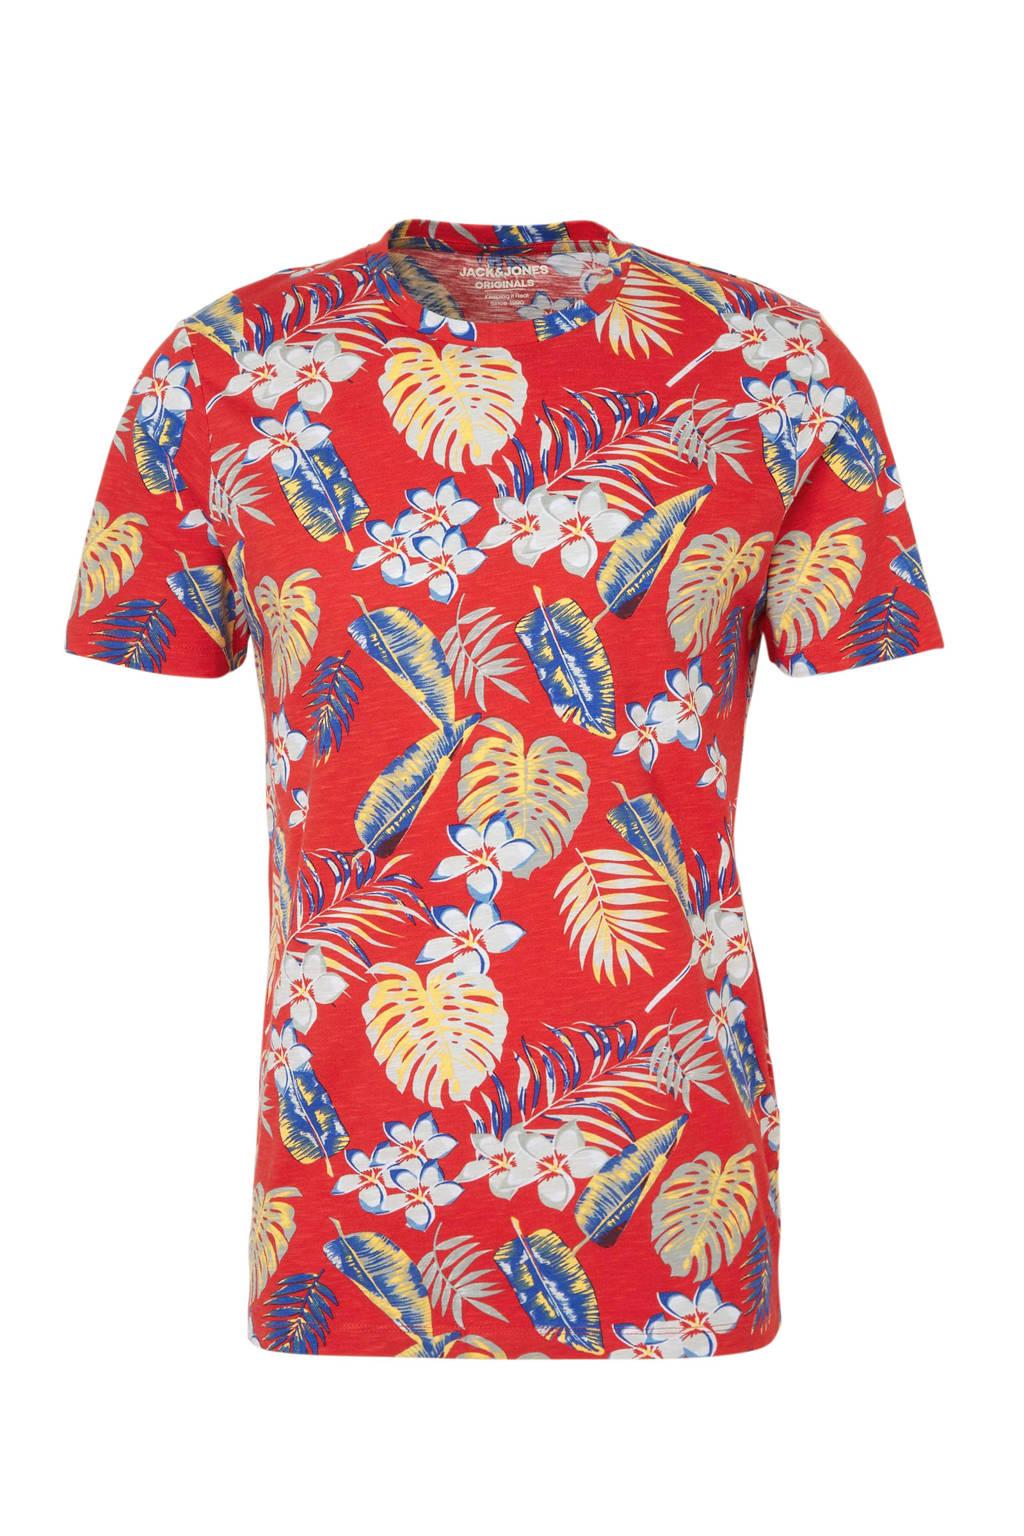 Jack & Jones Originals T-shirt met all over print, Rood